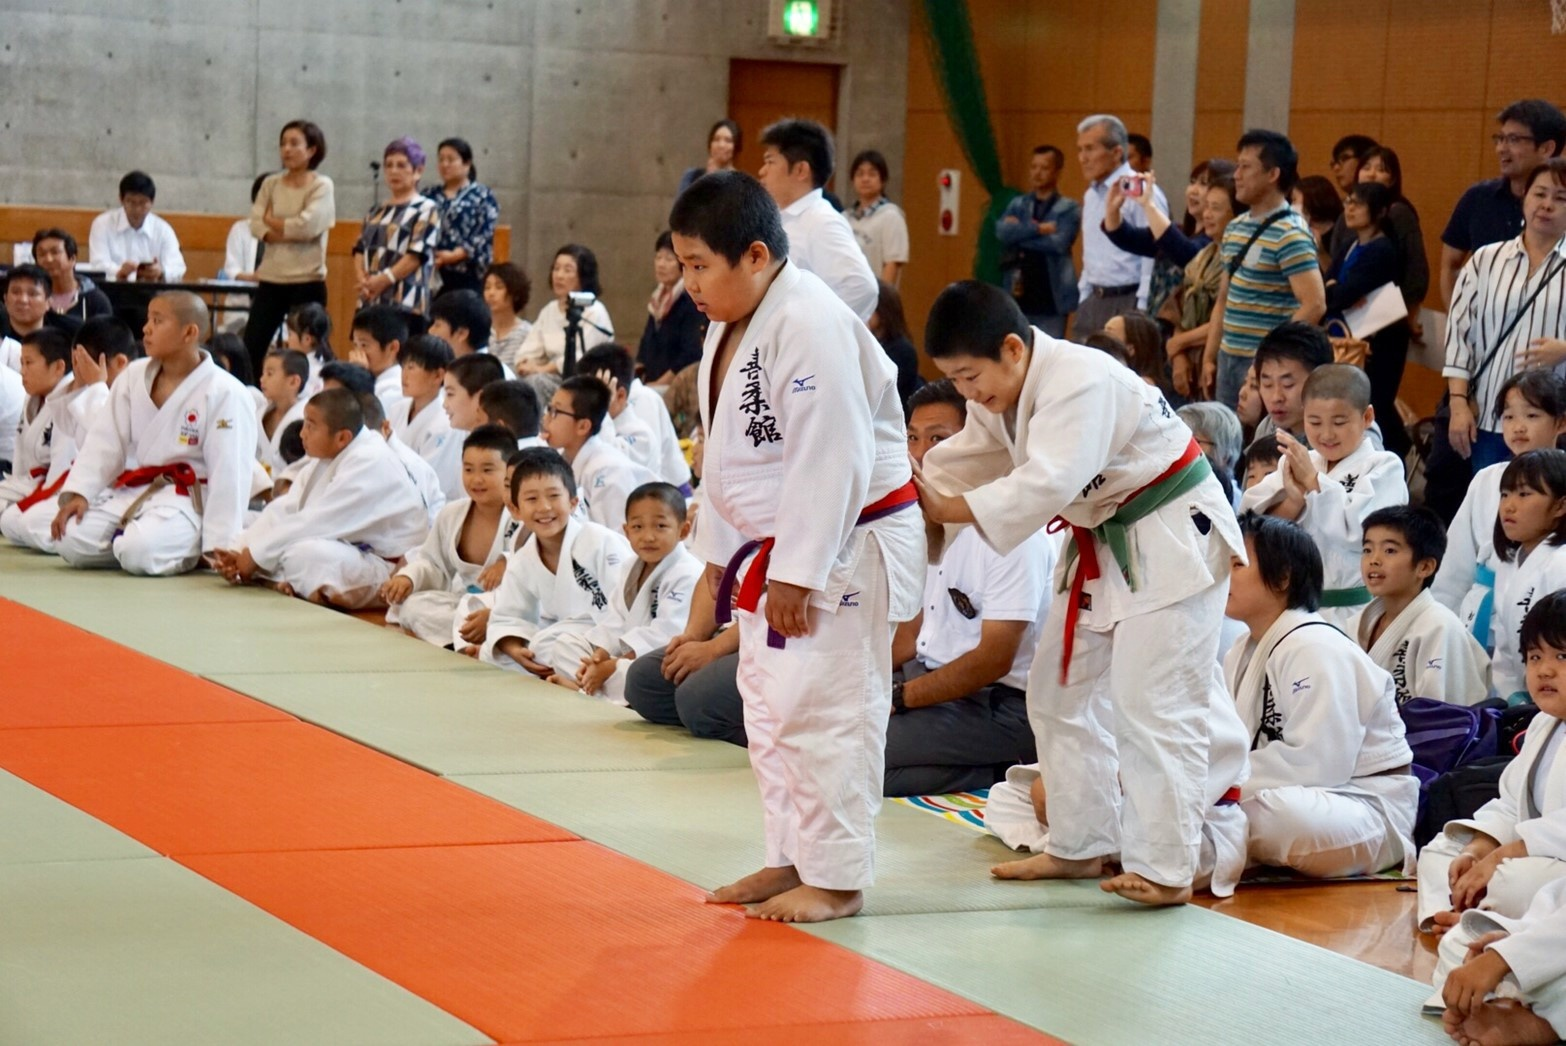 2019  櫛田神社秋季大祭奉納少年柔道大会_b0172494_22302507.jpg